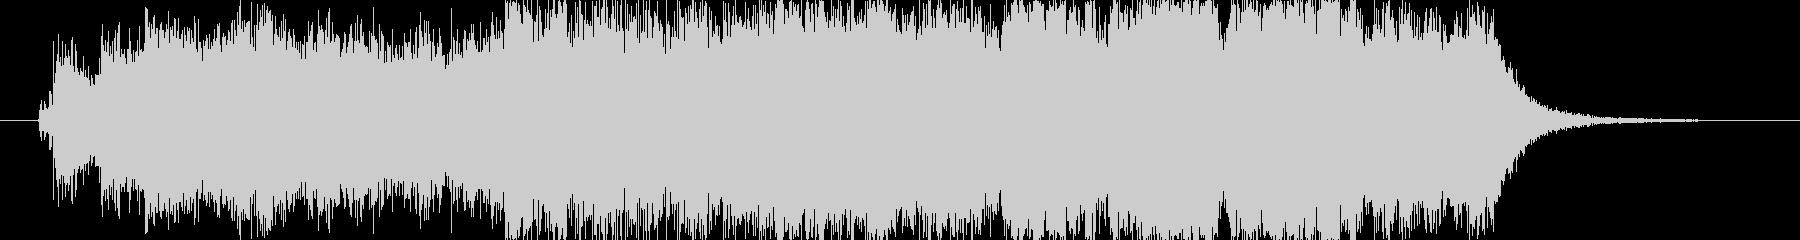 オープニングインパクト2の未再生の波形